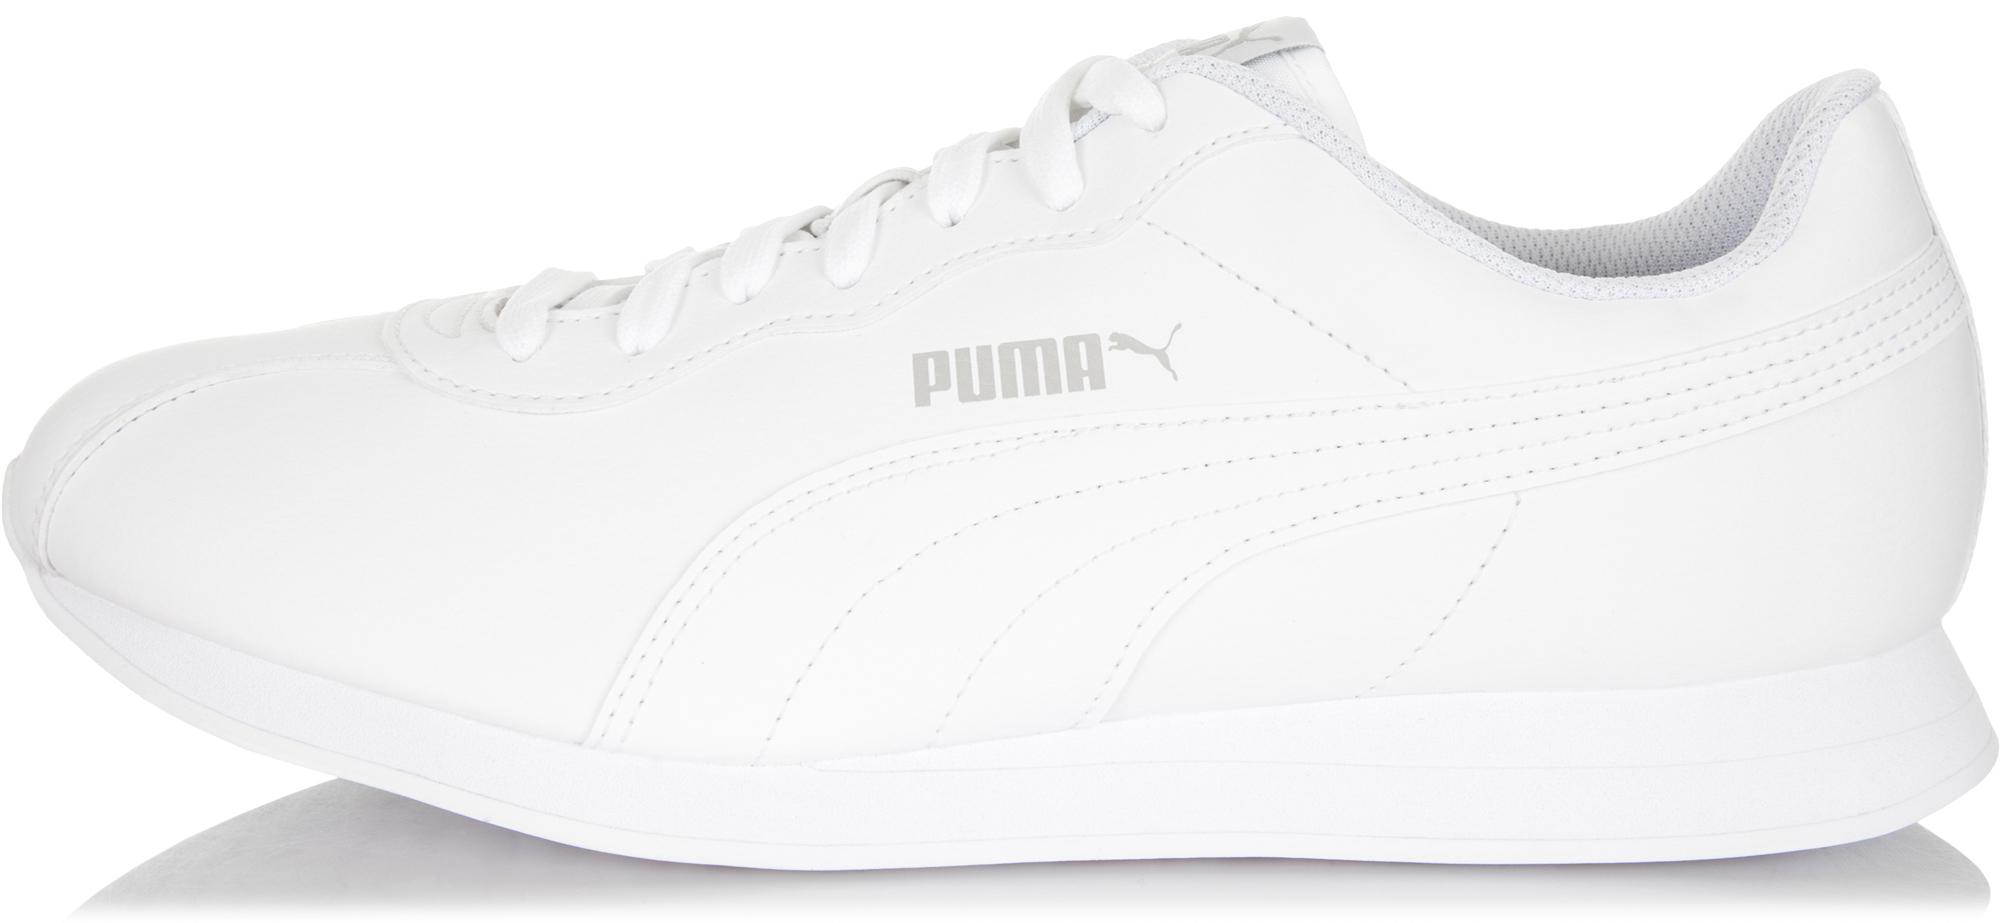 все цены на Puma Кроссовки мужские Puma Turin II, размер 45 онлайн